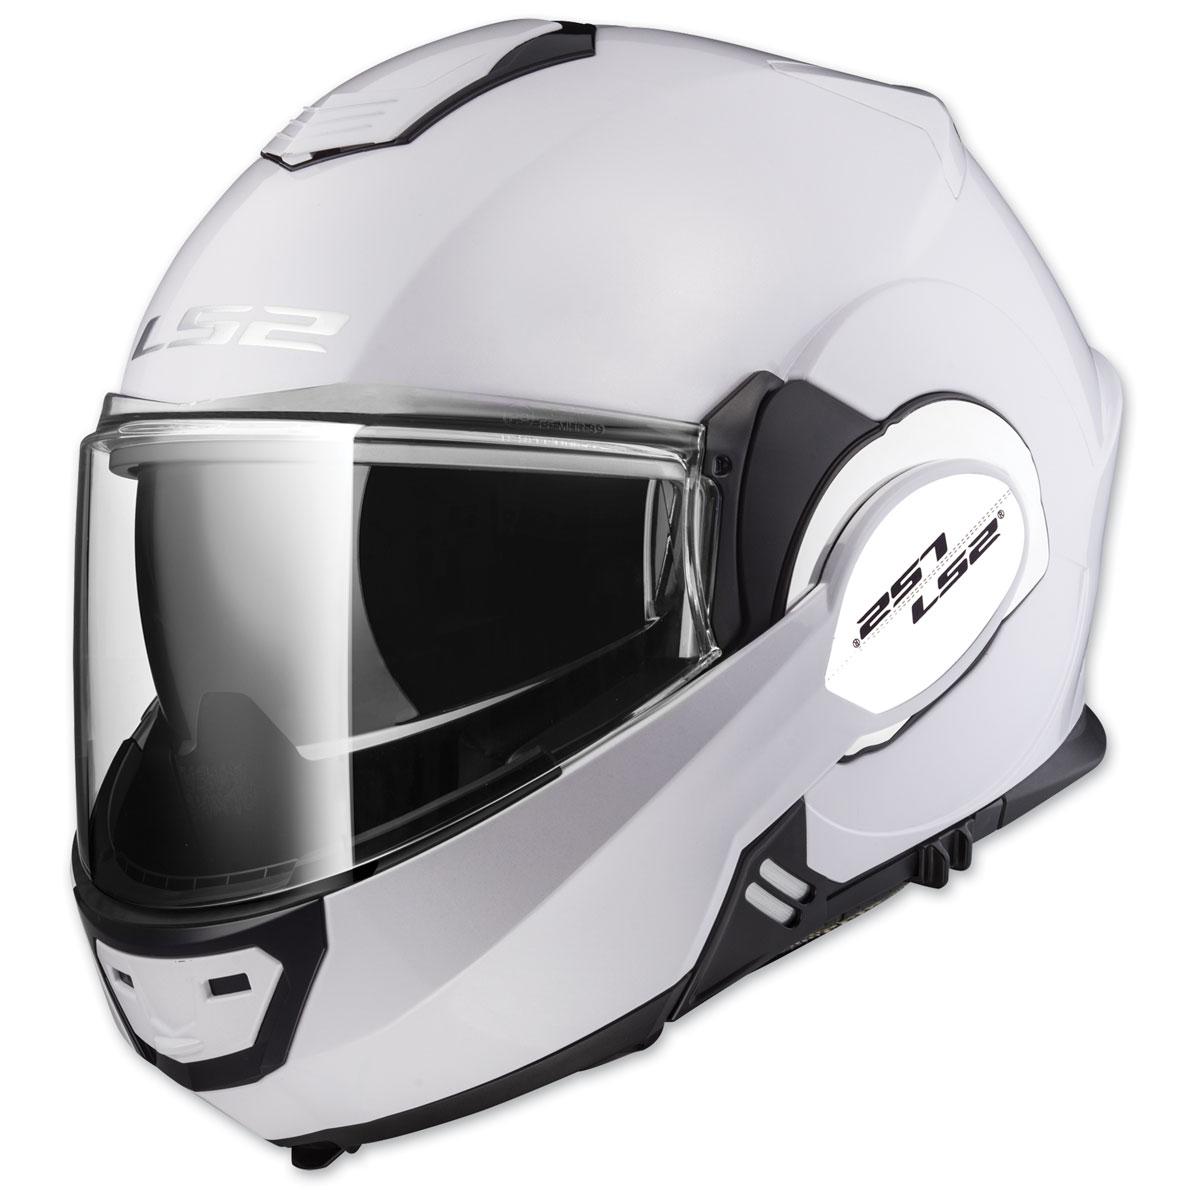 LS2 Valiant White Modular Helmet